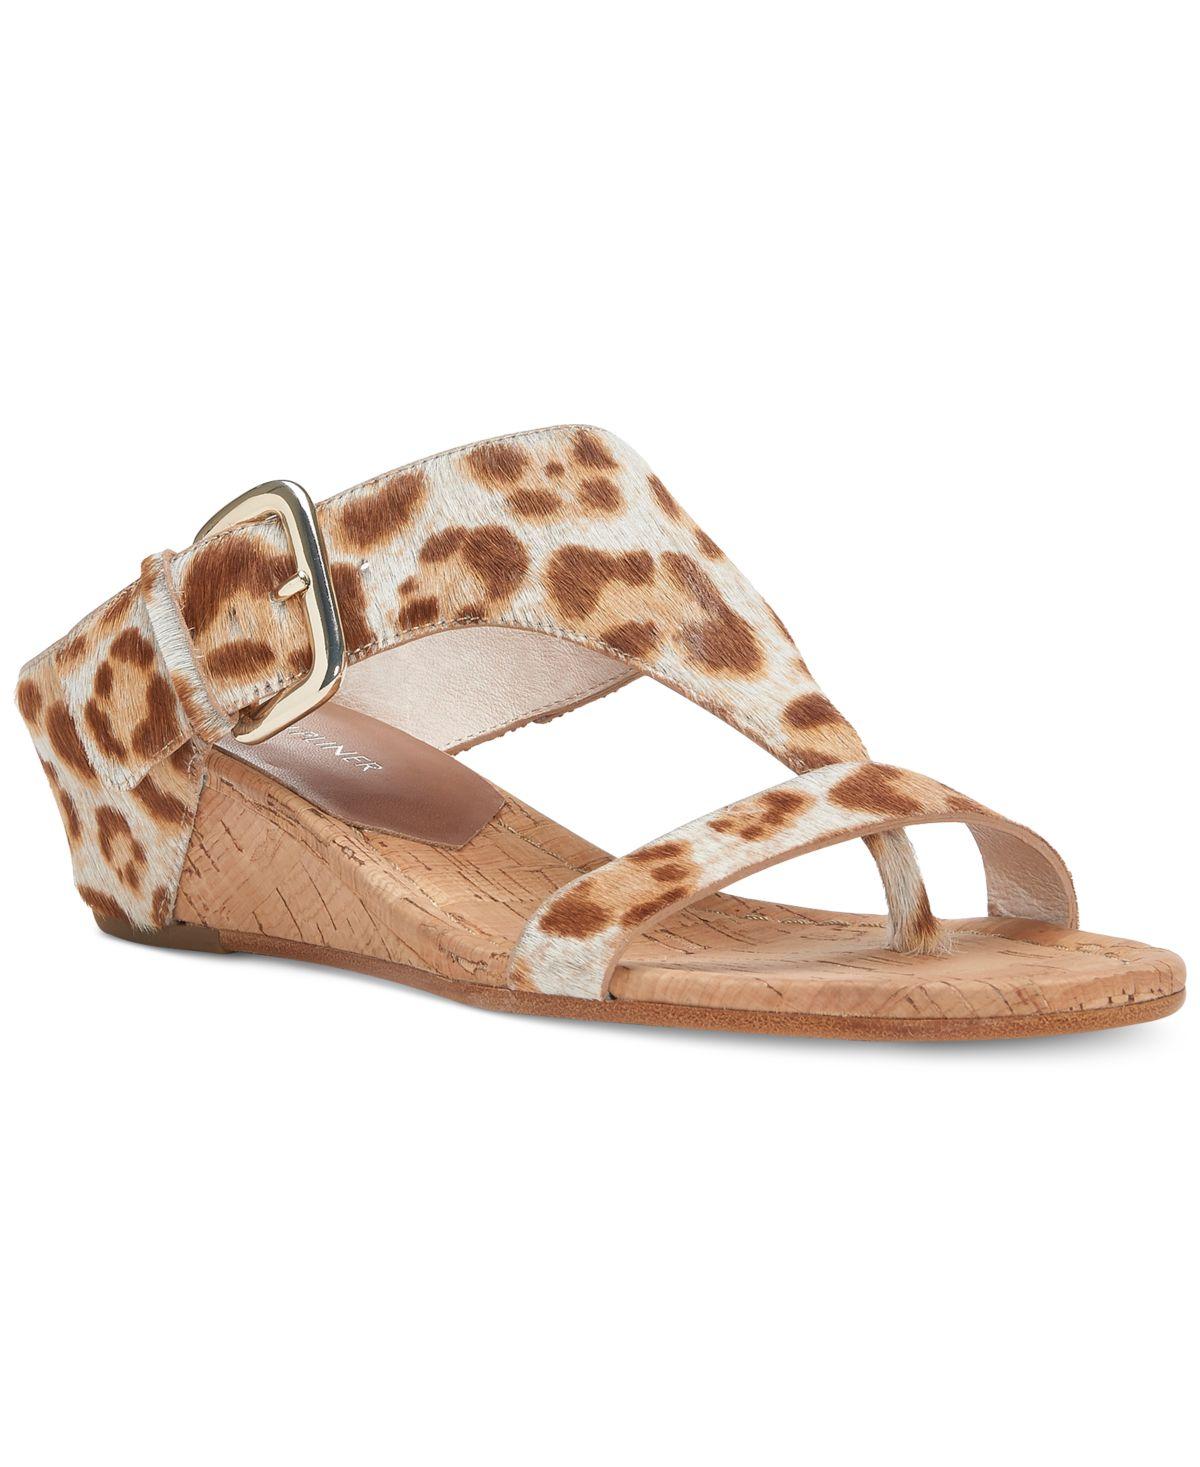 Donald J Pliner Doli Block-Heel Slide Sandals by